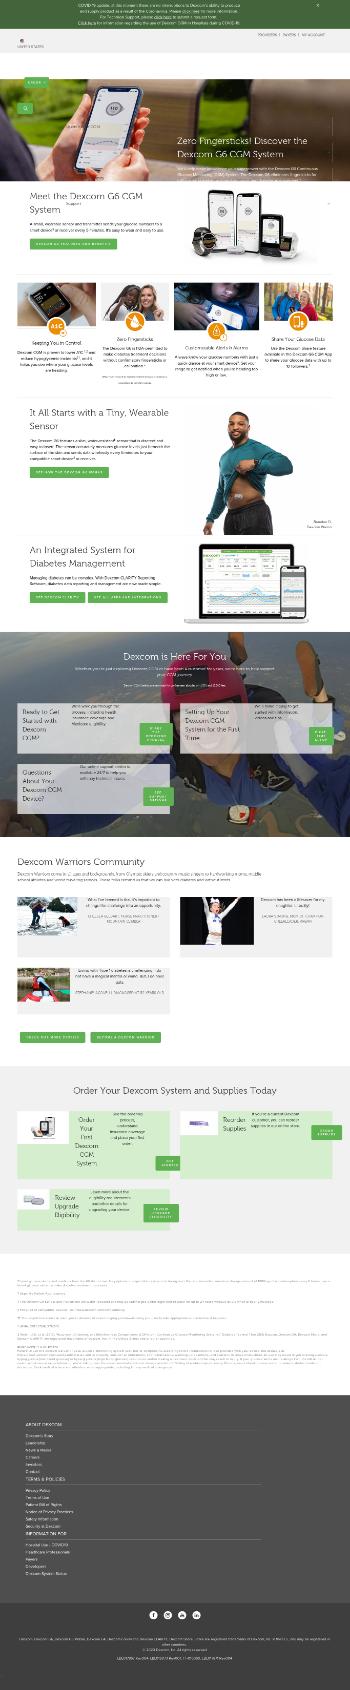 DexCom, Inc. Website Screenshot